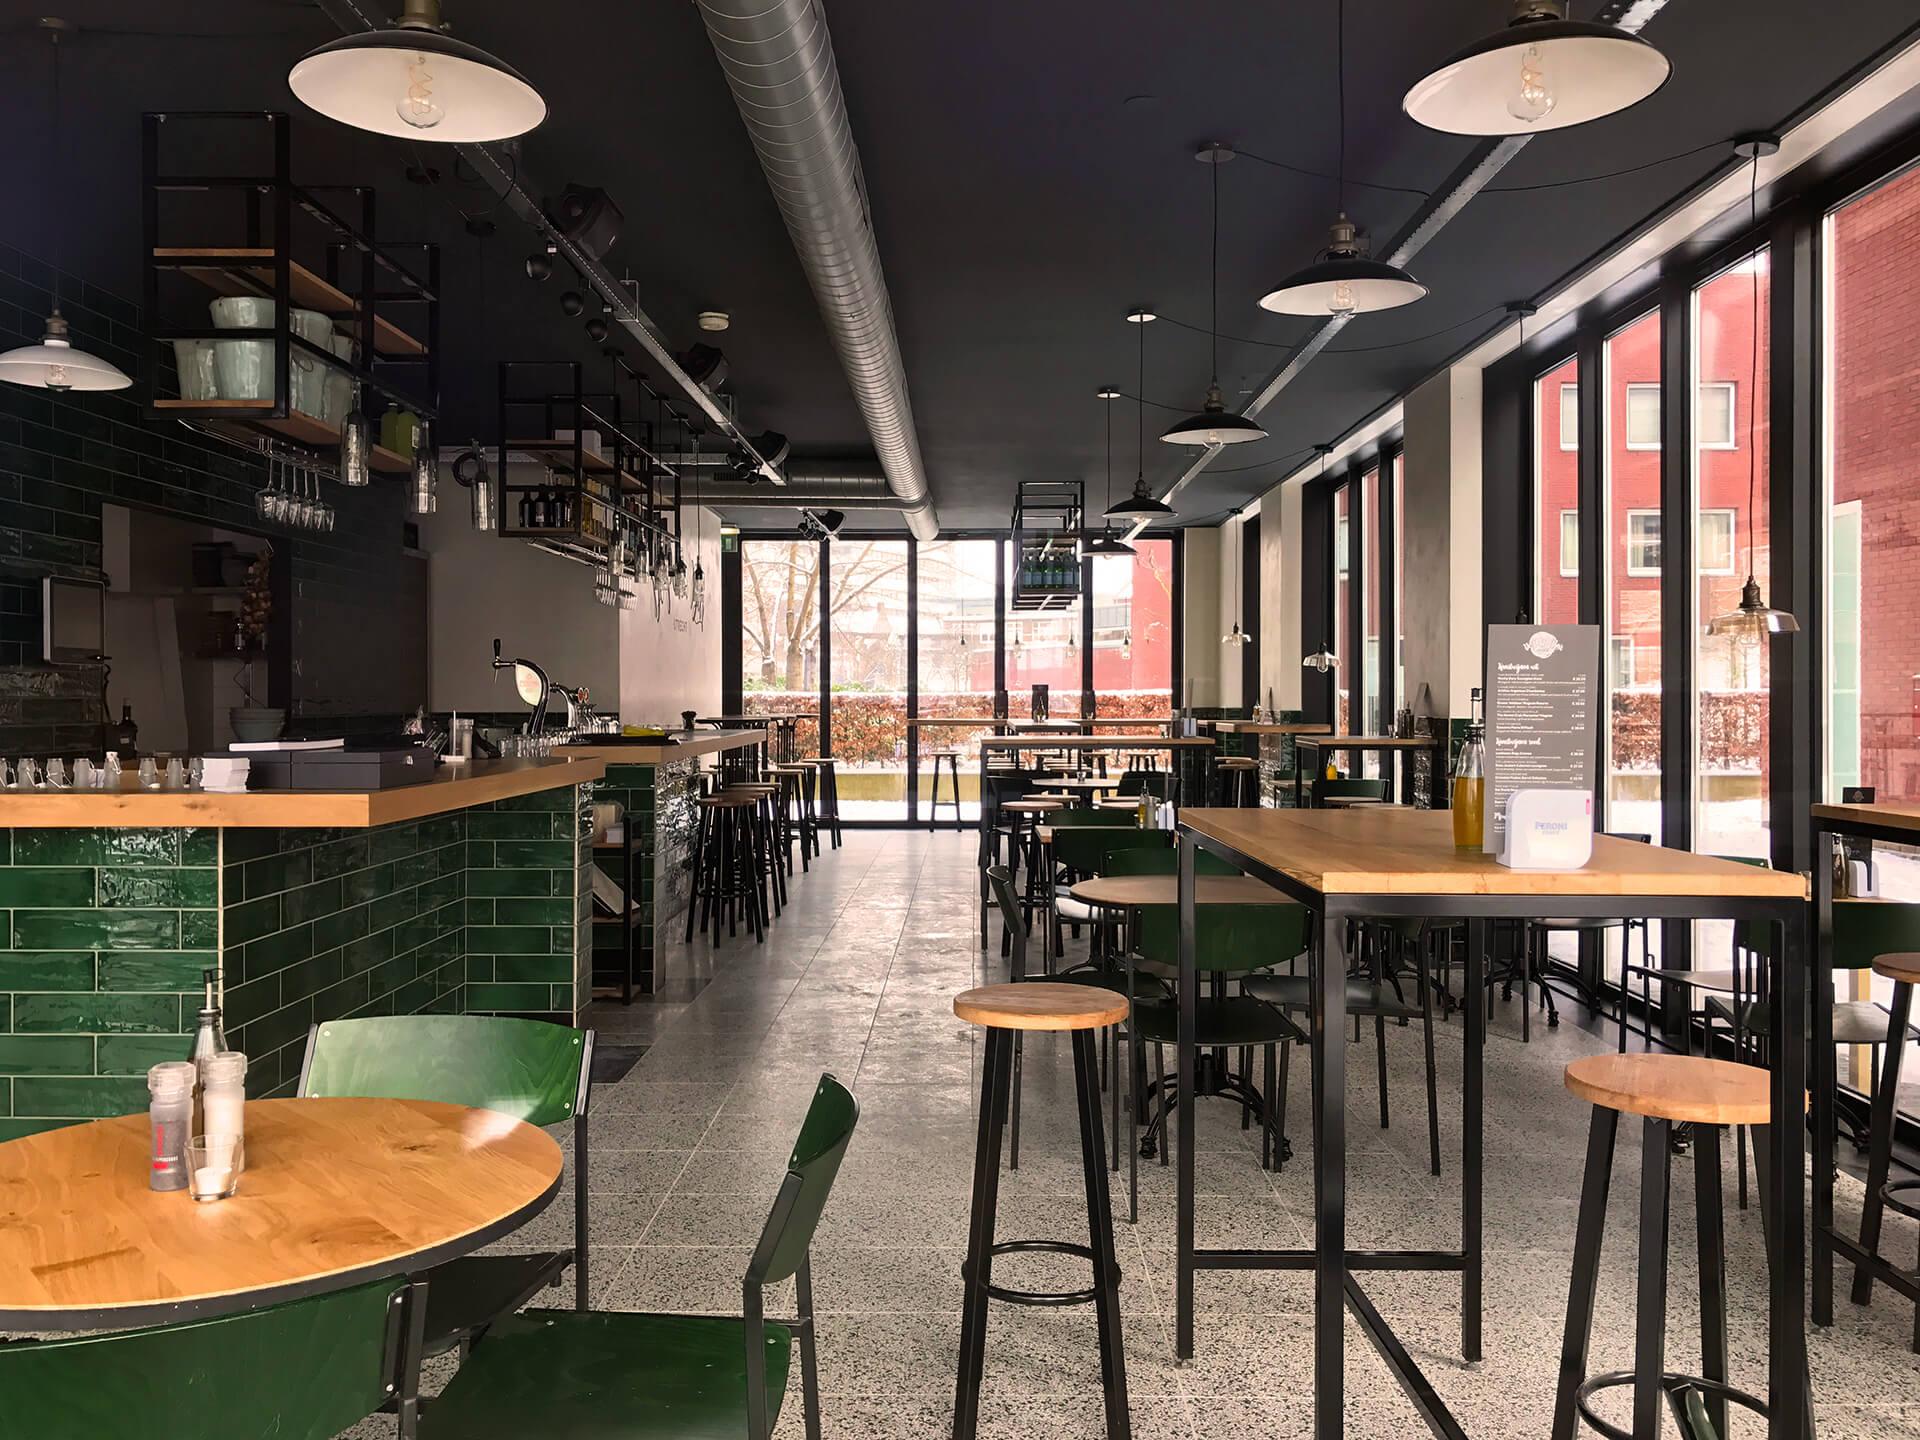 De pastabar utrecht interieur ontwerp bar restaurant for Interieur utrecht